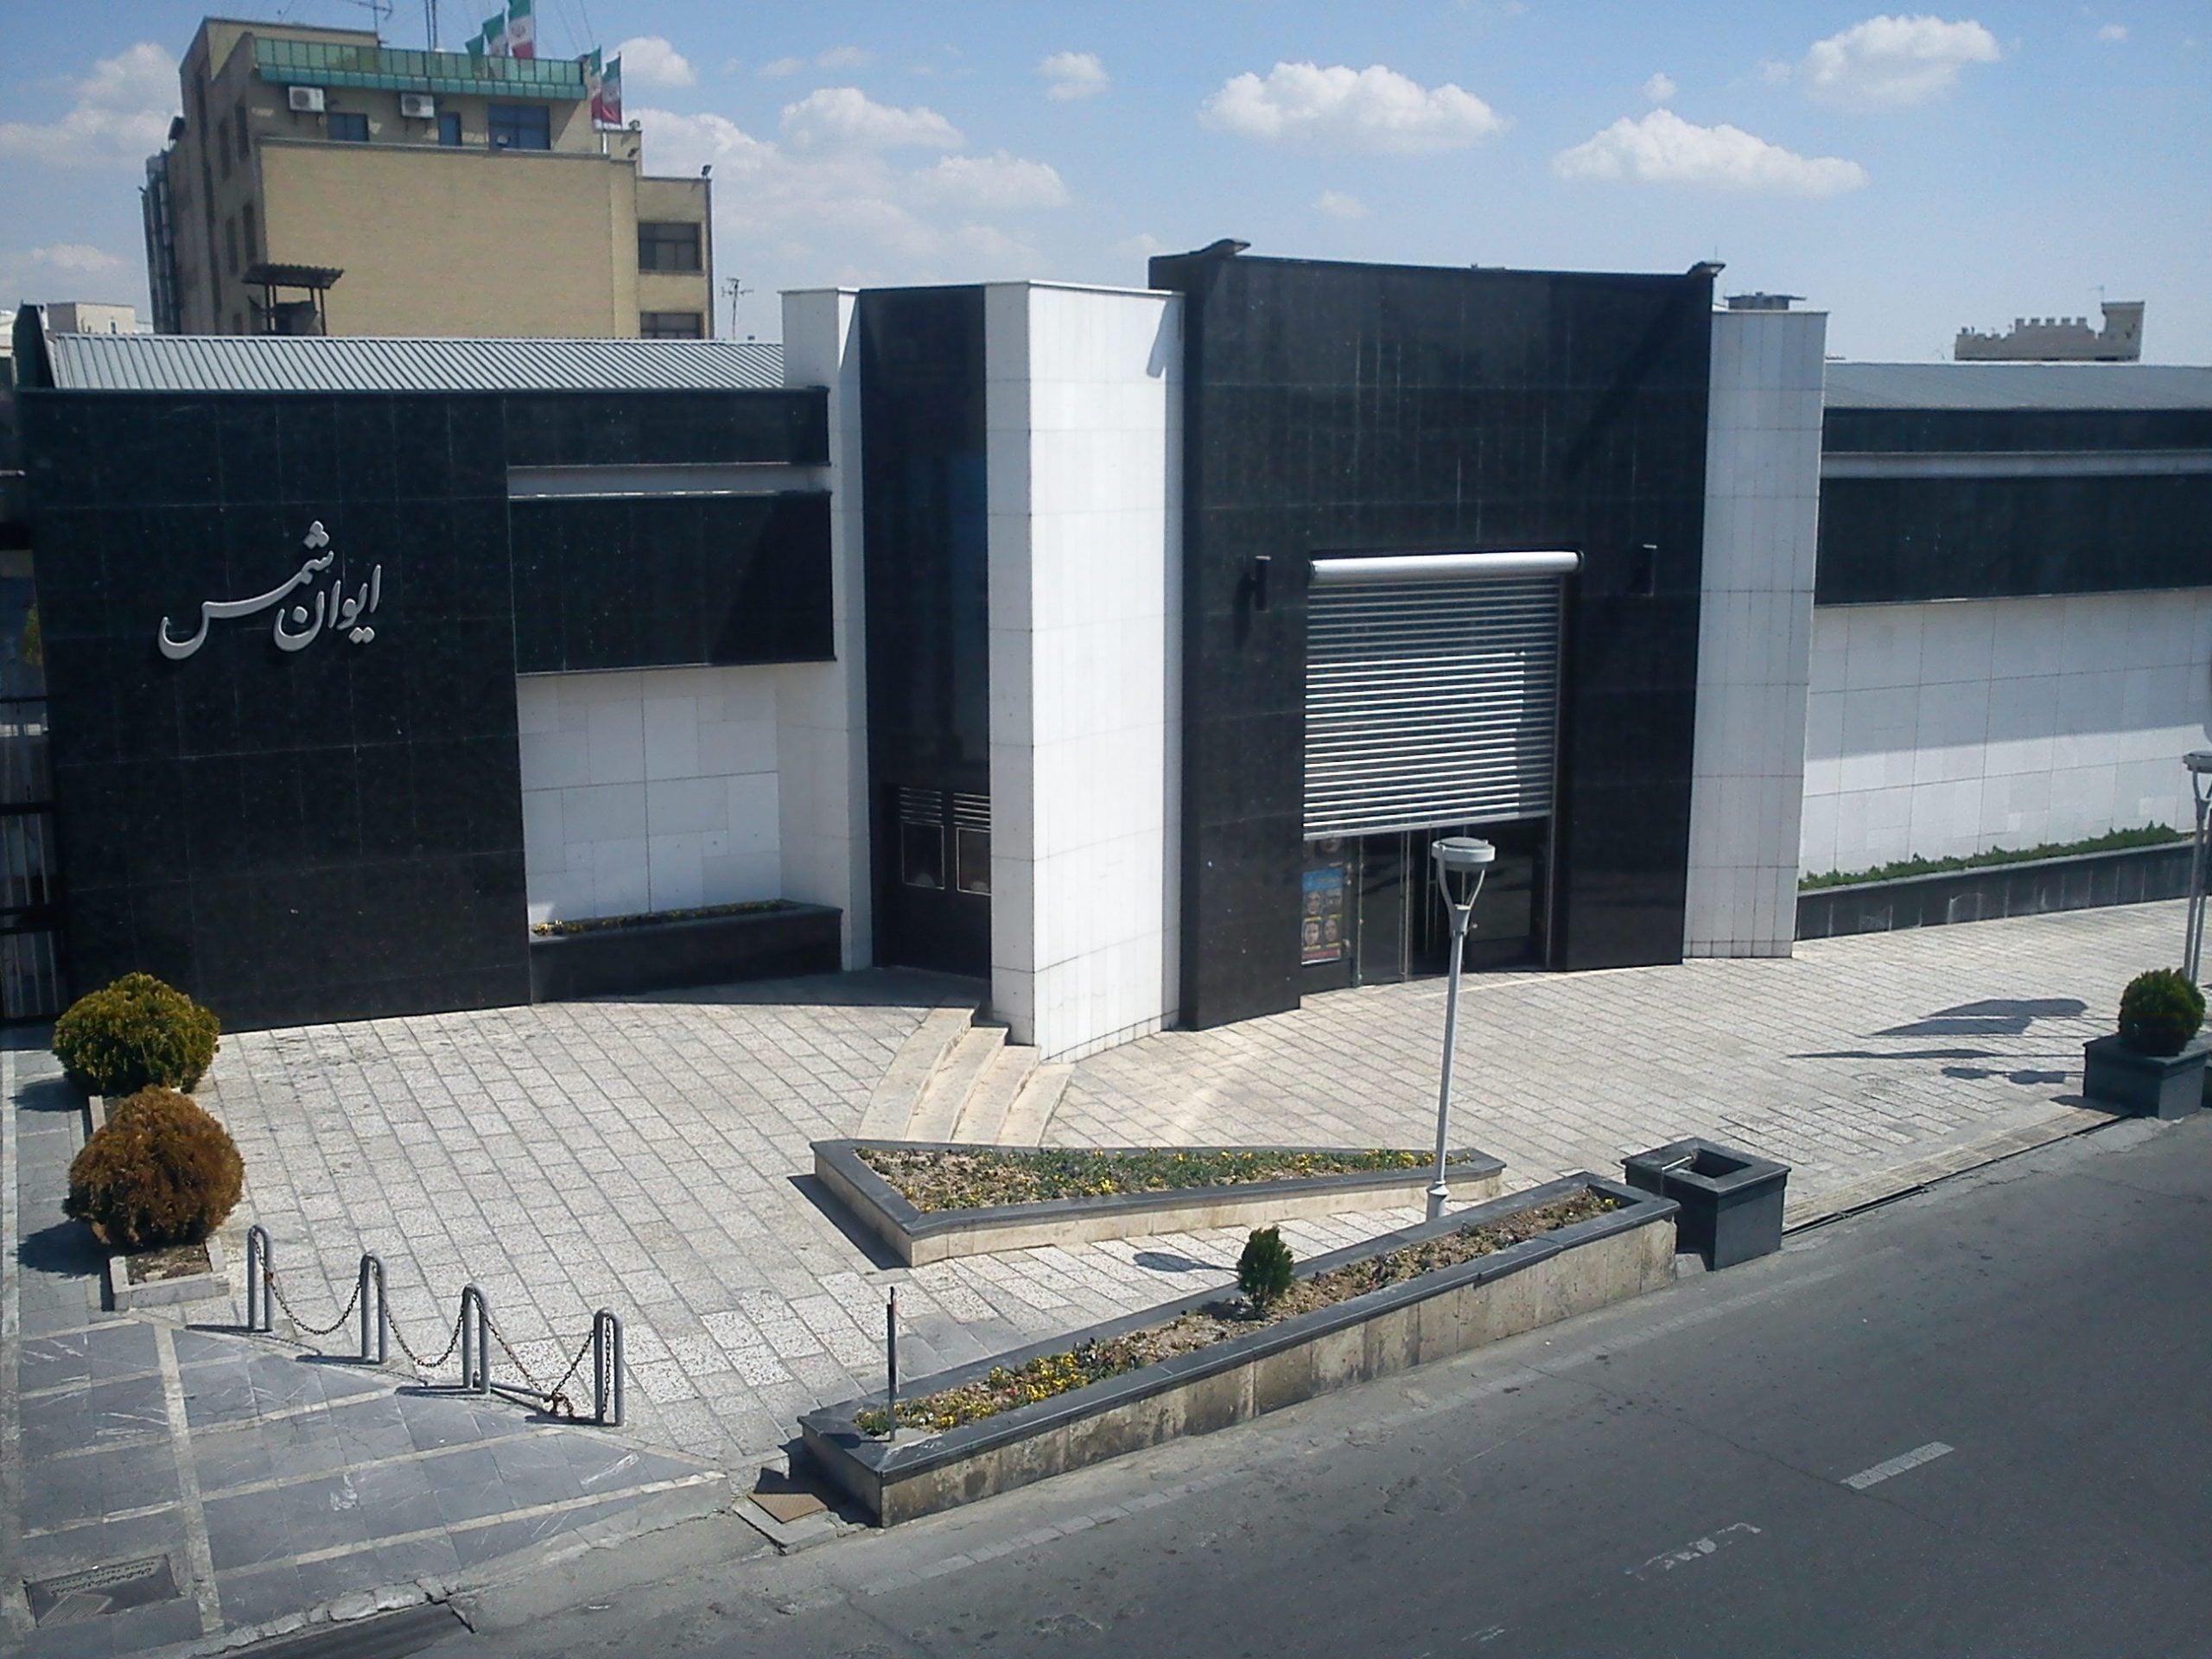 سینما ایوان شمس تهران  سینما ایوان شمس تهران